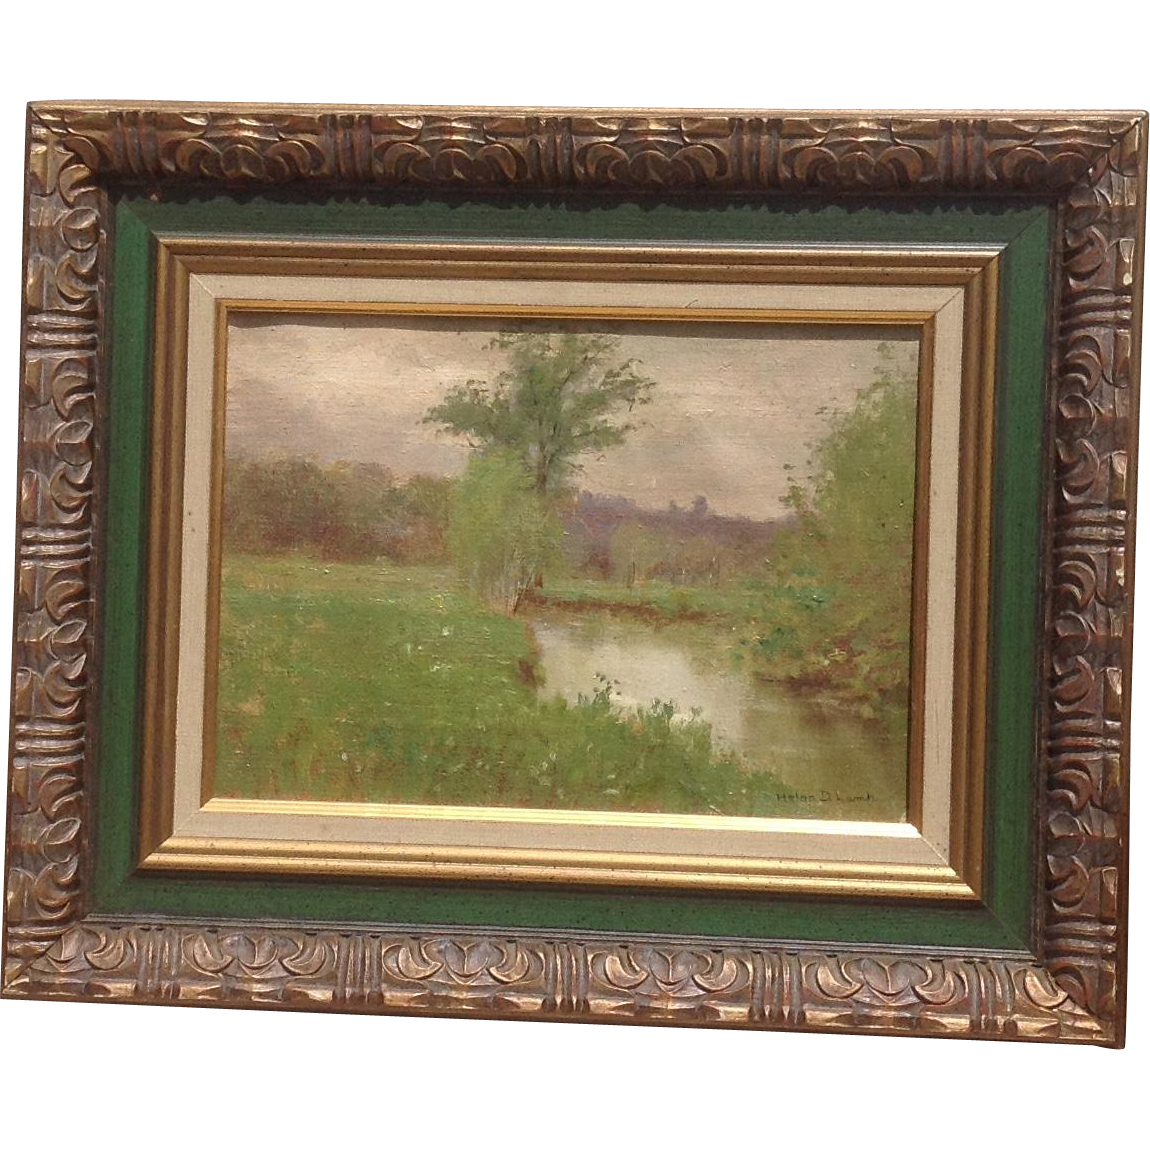 19th c. British Oil Painting